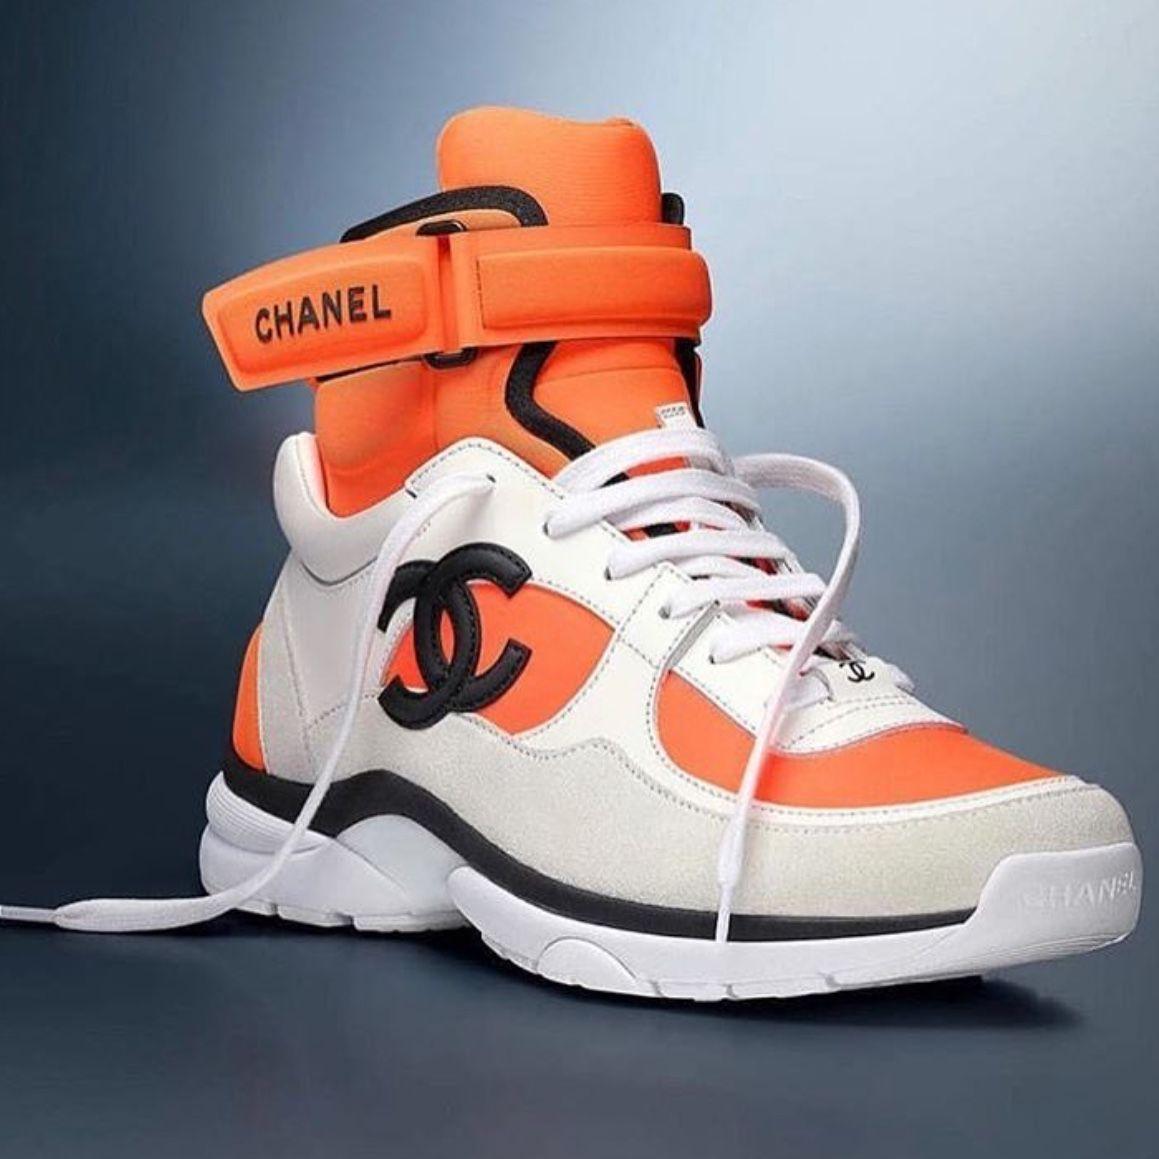 Chanel High Top Sneakers | Calzado